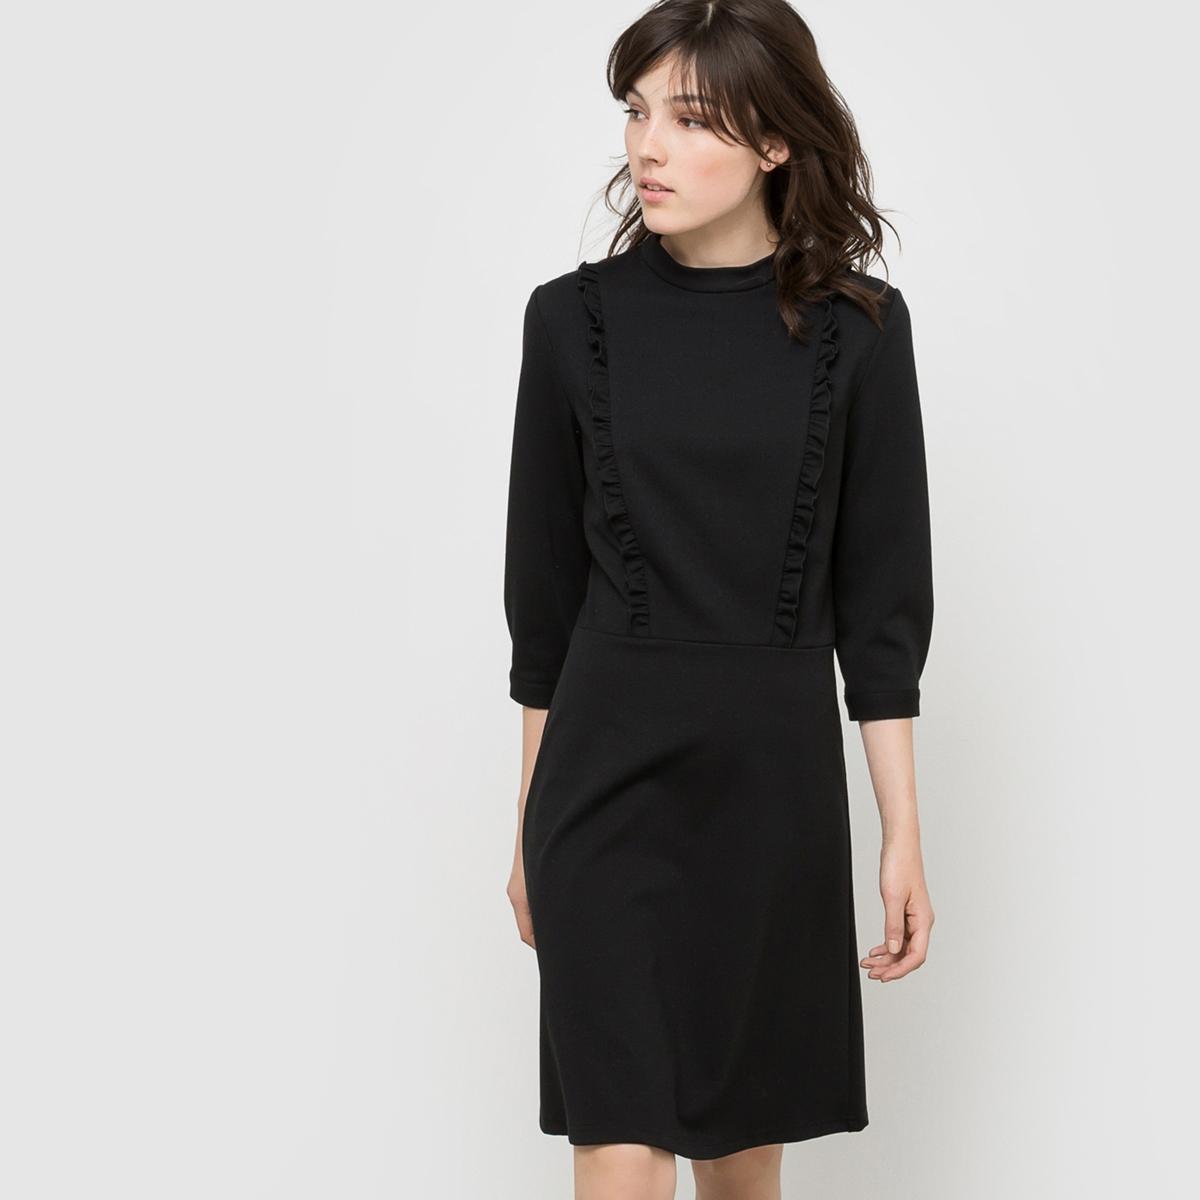 Платье с длинными рукавами платье двухцветное из трикотажа милано